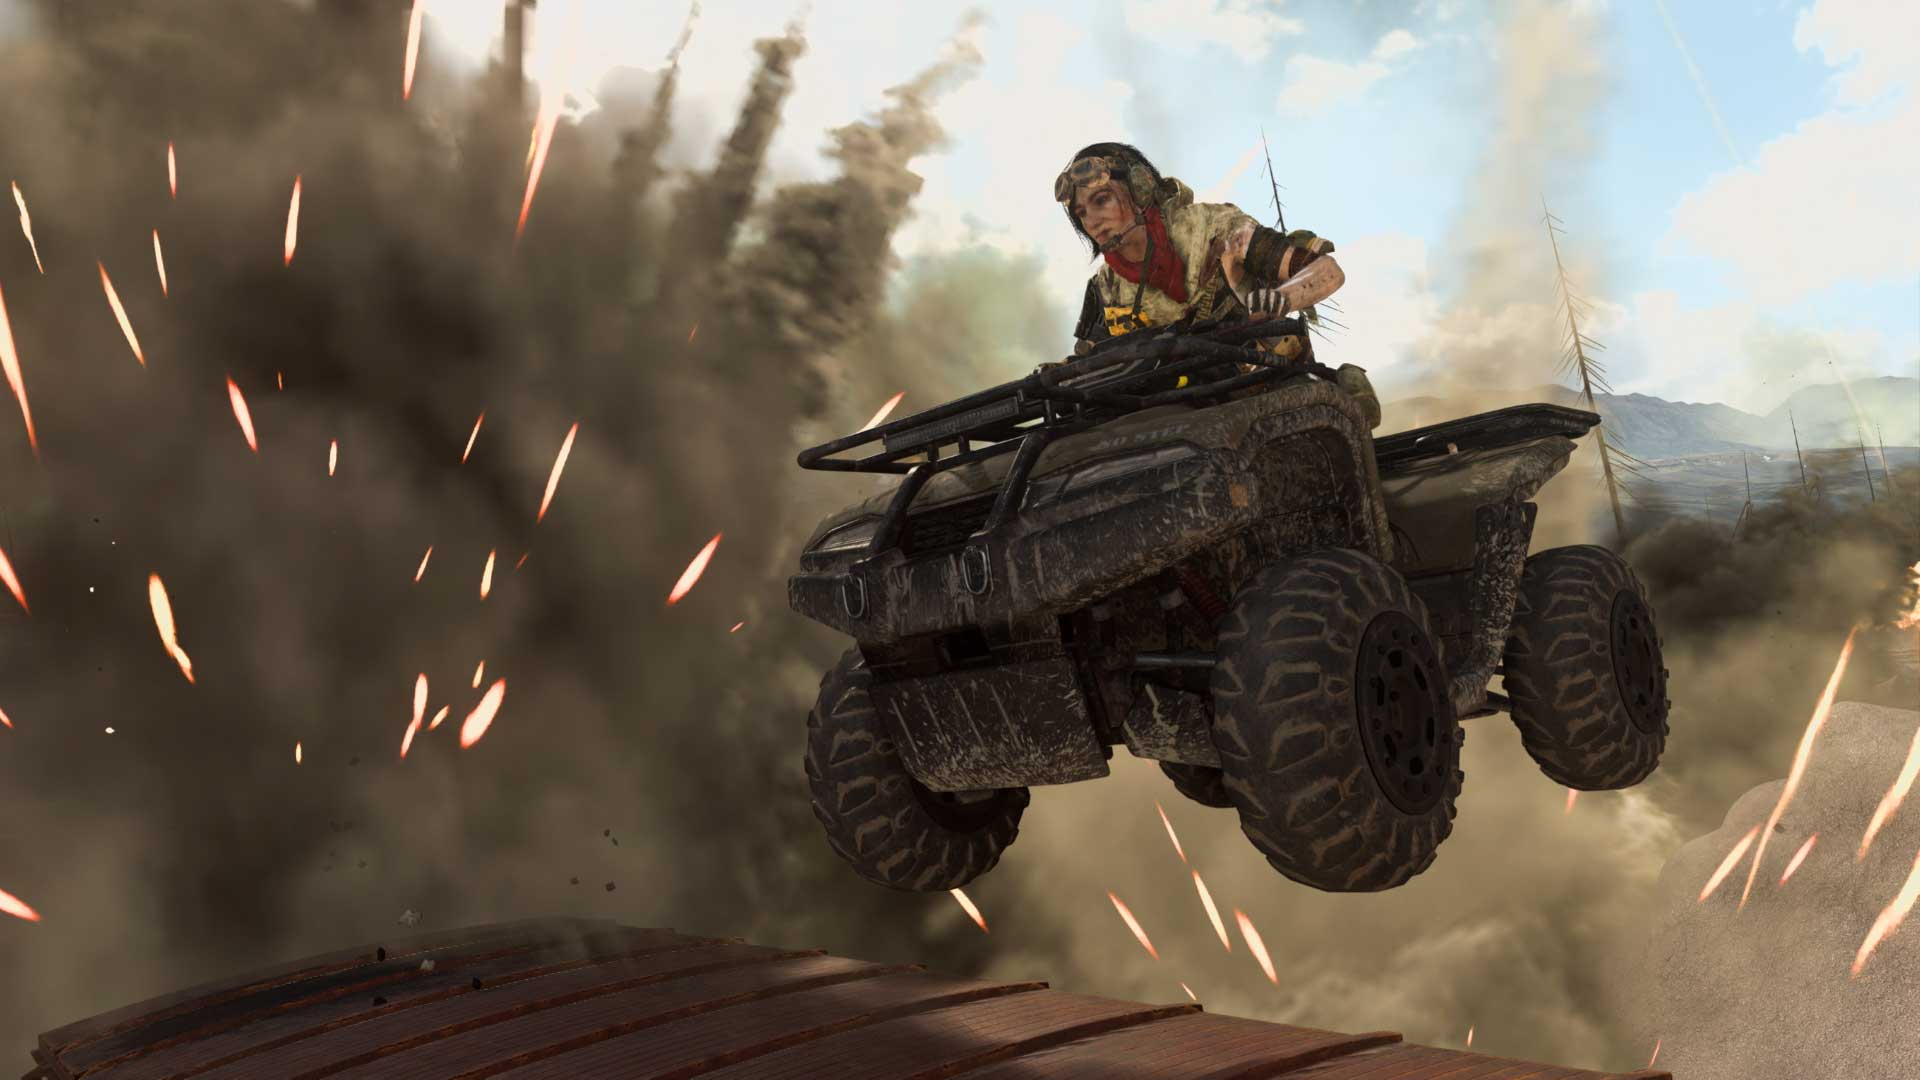 ATV: All-Terrain Vehicle